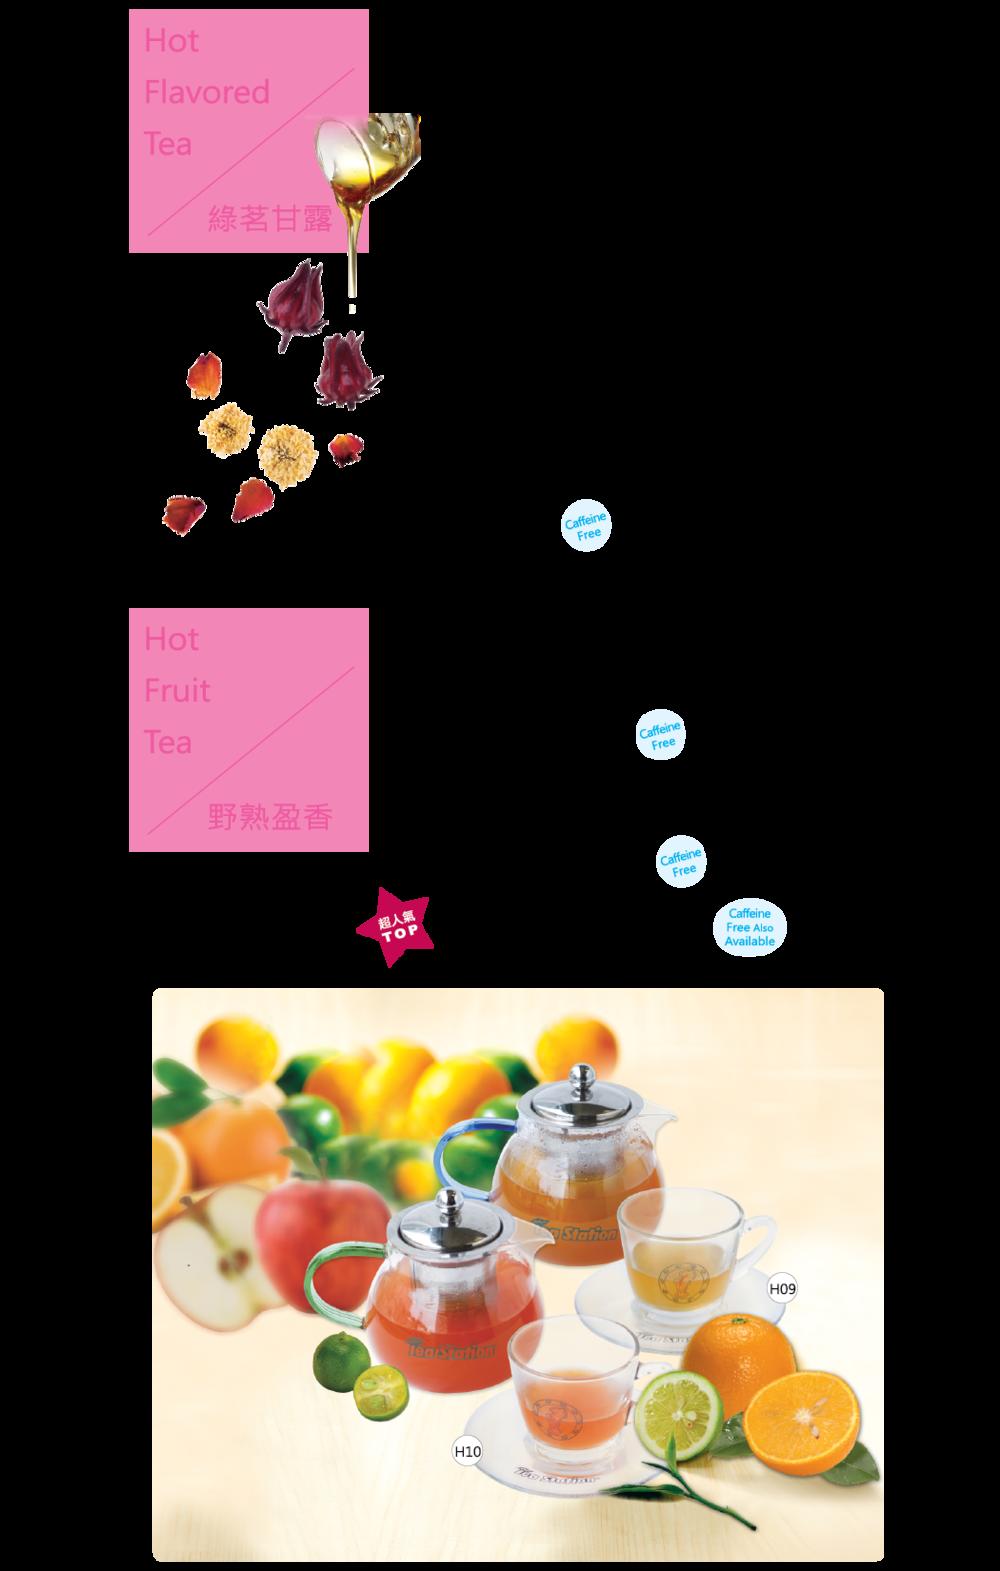 Tea_2-01.png